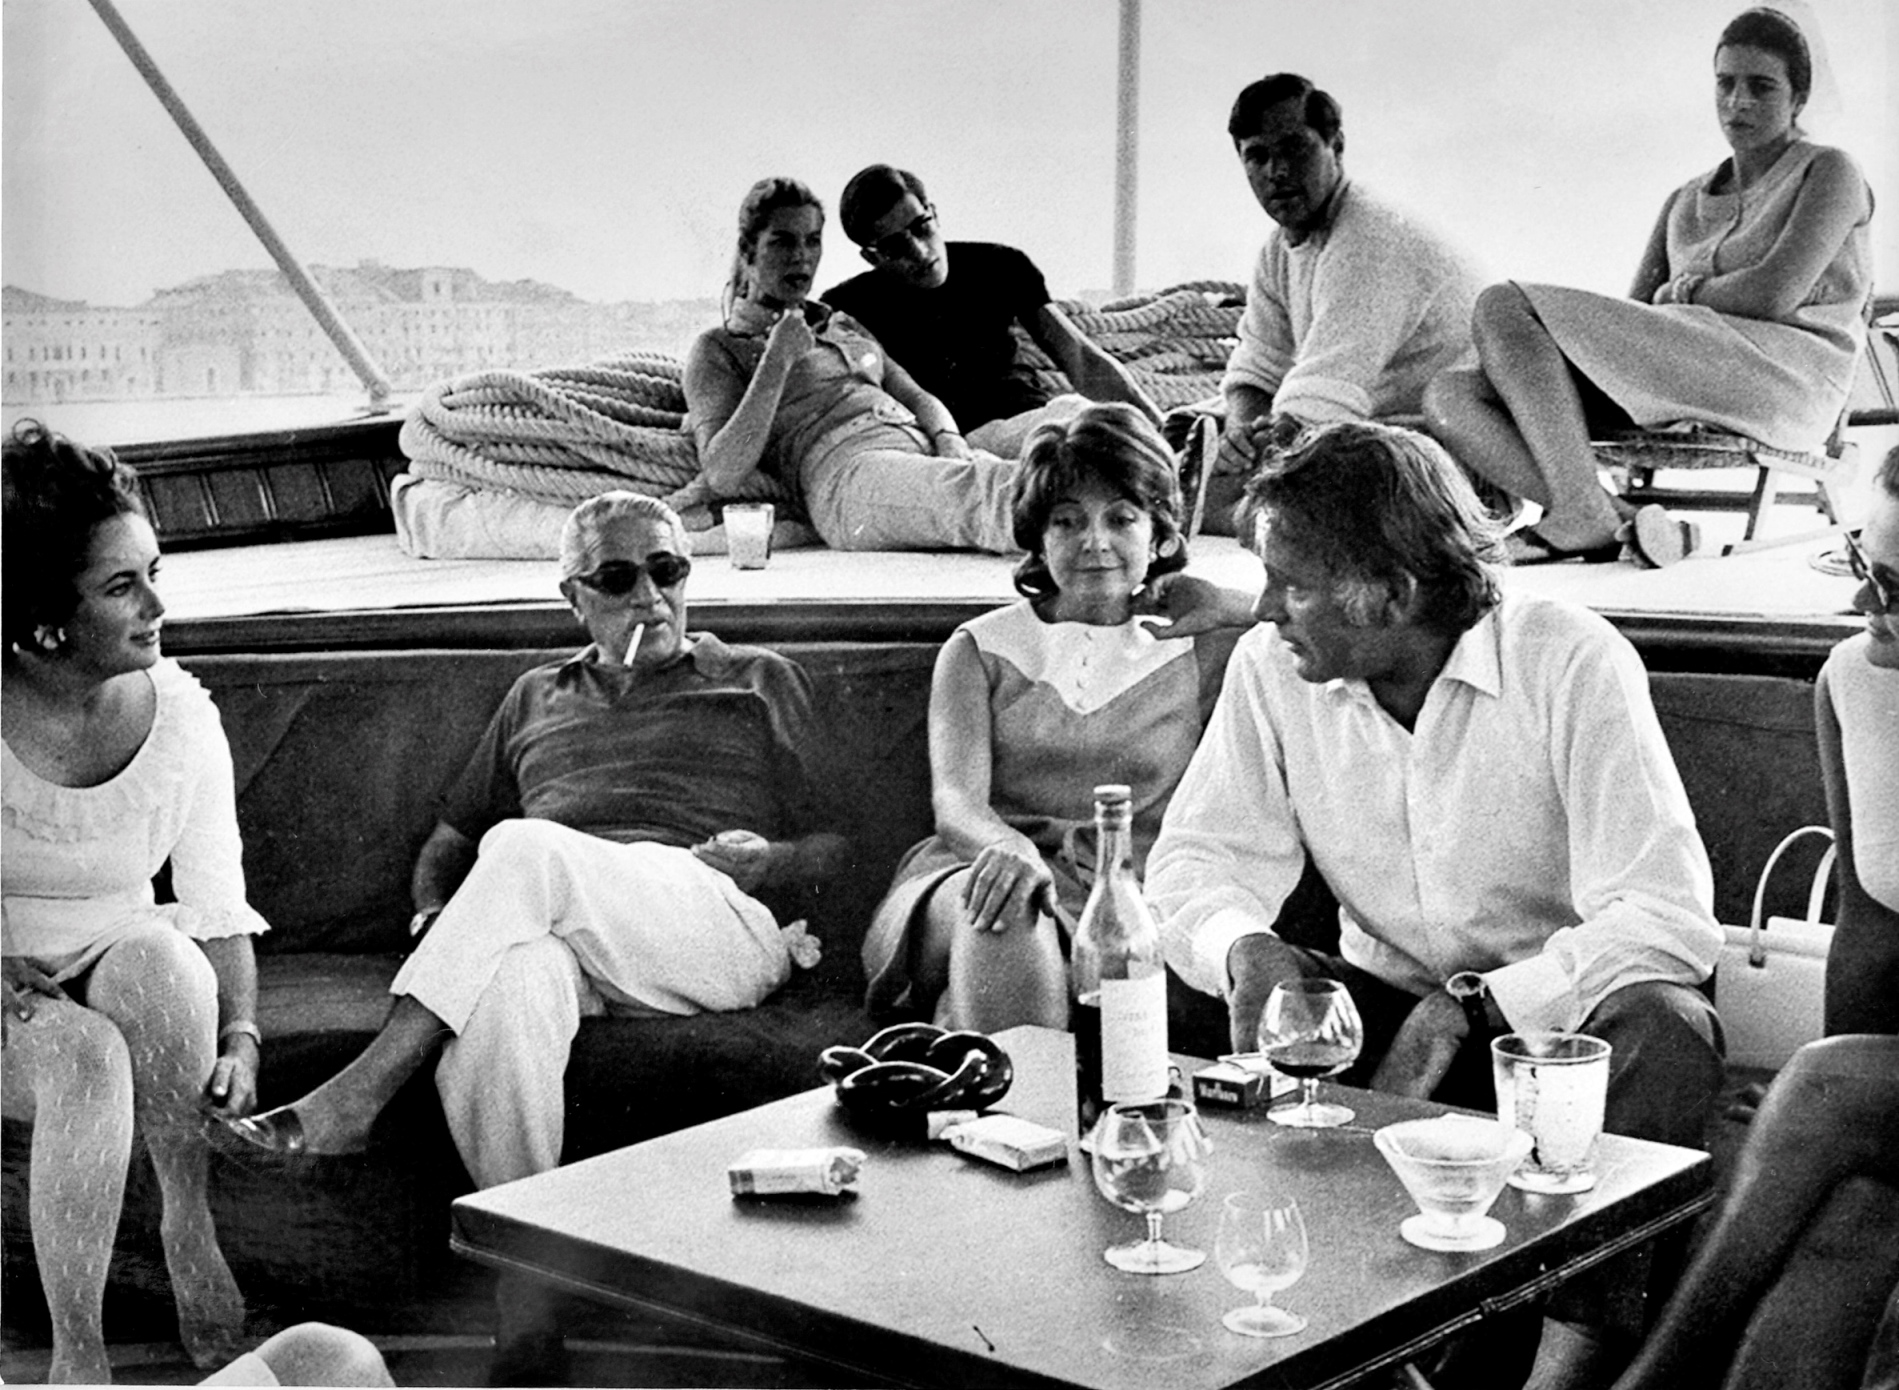 Alquilar barcos baratos en Ibiza. Alquiler de yates de lujo en Ibiza. Barcos de alquiler en Ibiza